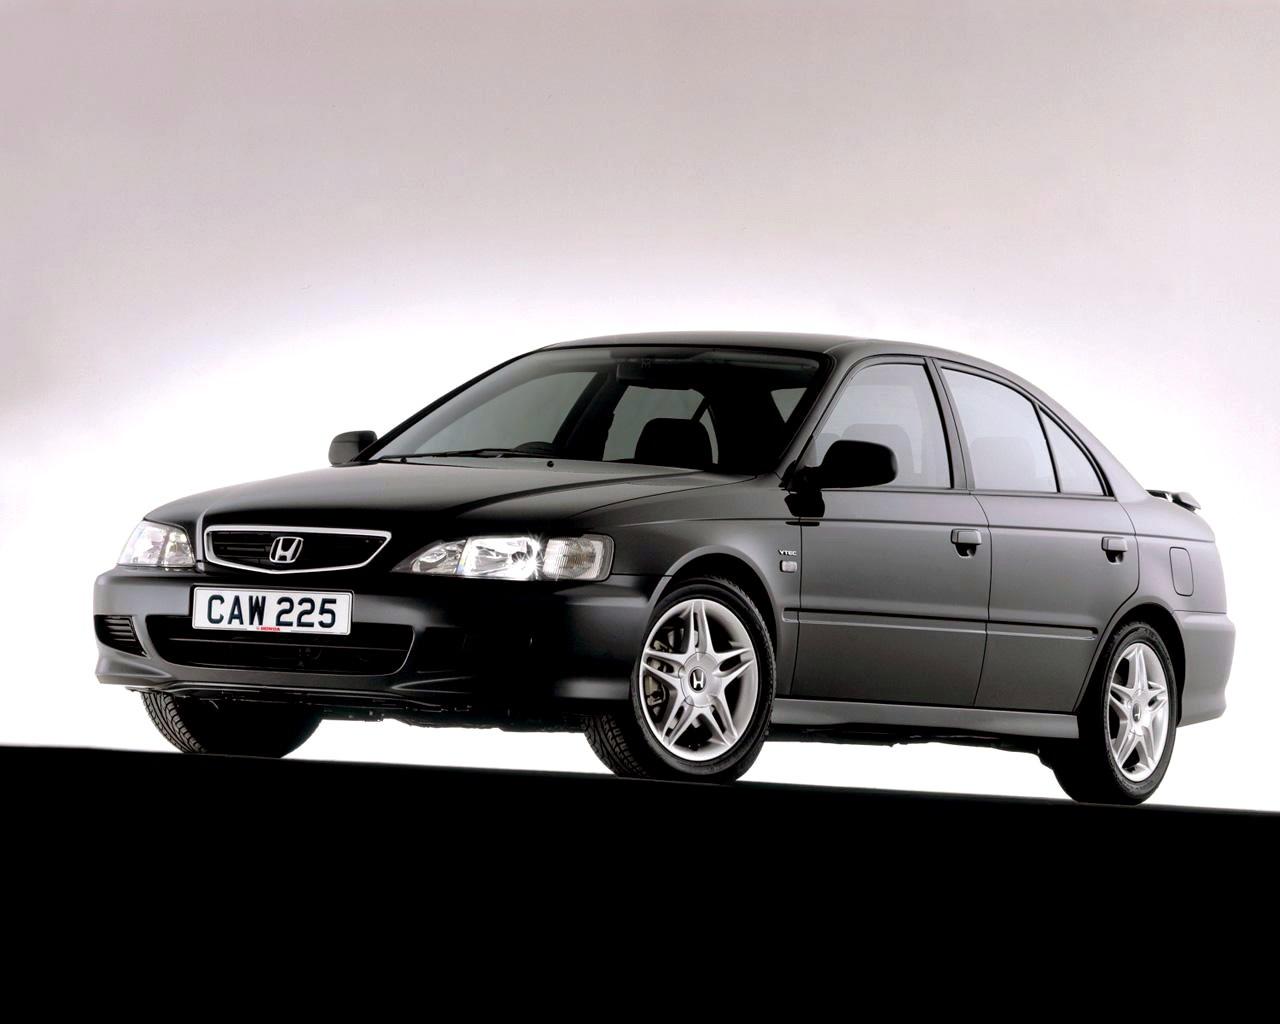 HONDA Accord 4 Doors specs - 1998, 1999, 2000, 2001, 2002, 2003, 2004, 2005 - autoevolution